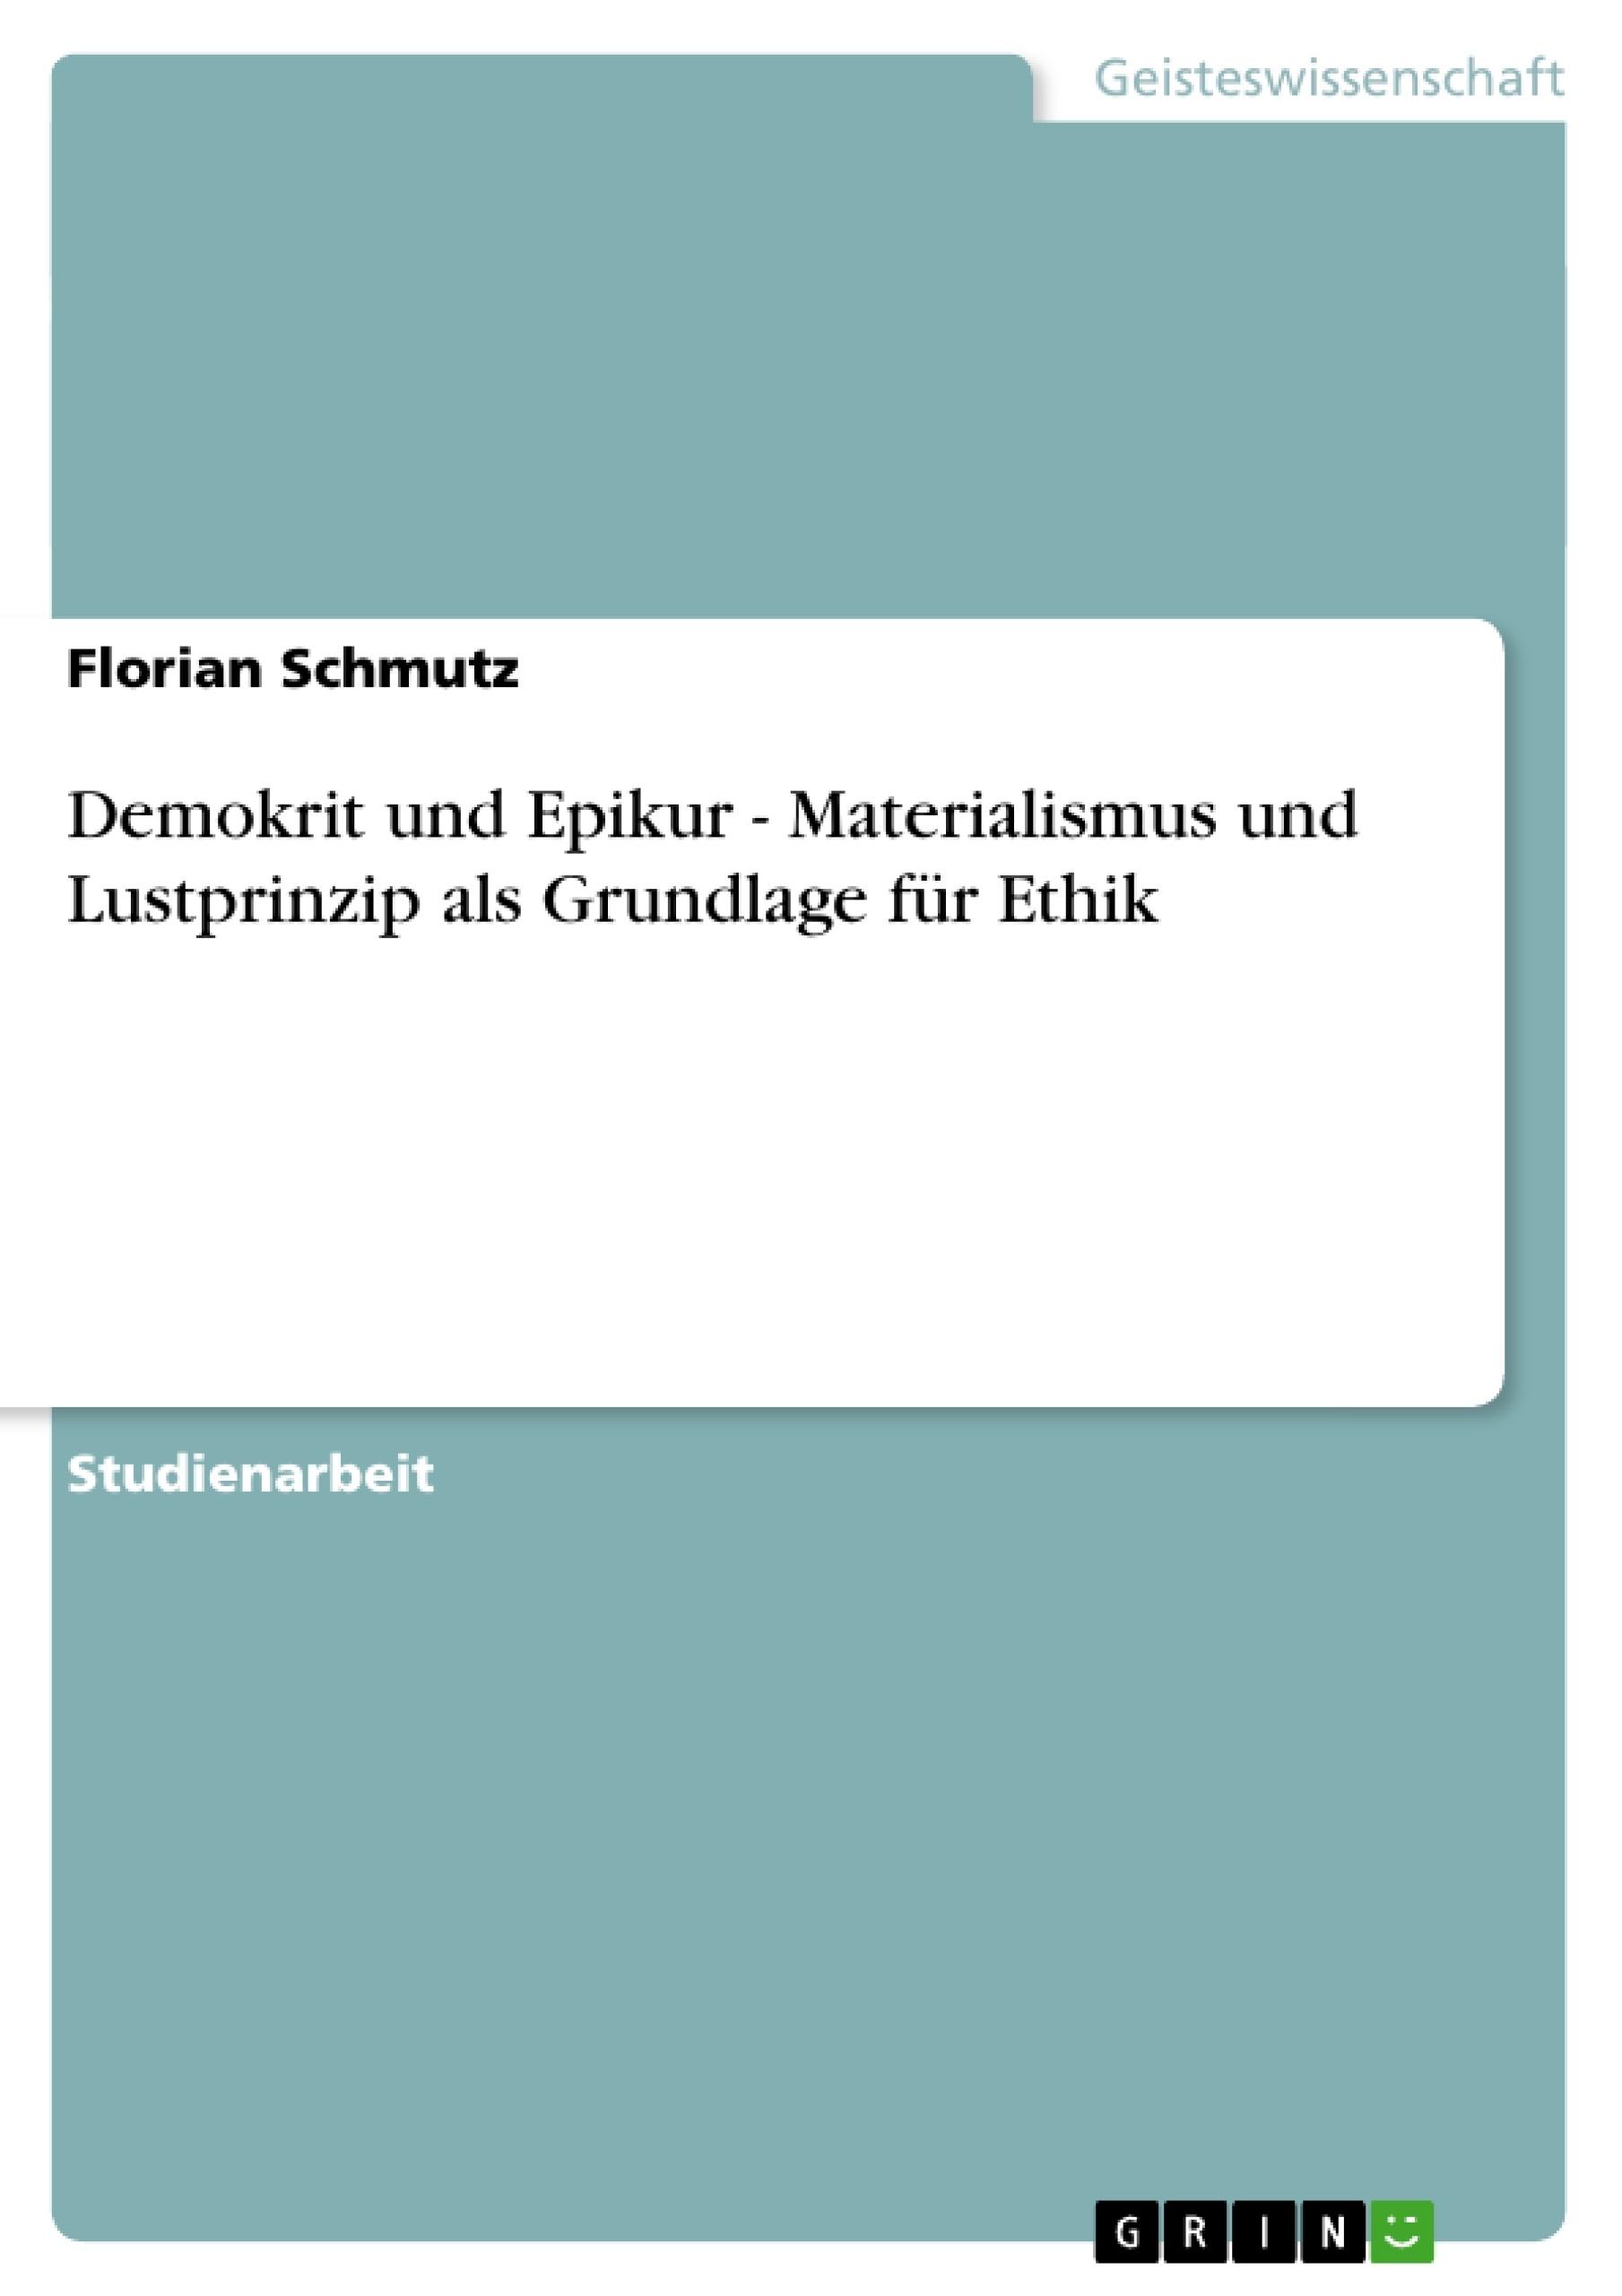 Titel: Demokrit und Epikur - Materialismus und Lustprinzip als Grundlage für Ethik